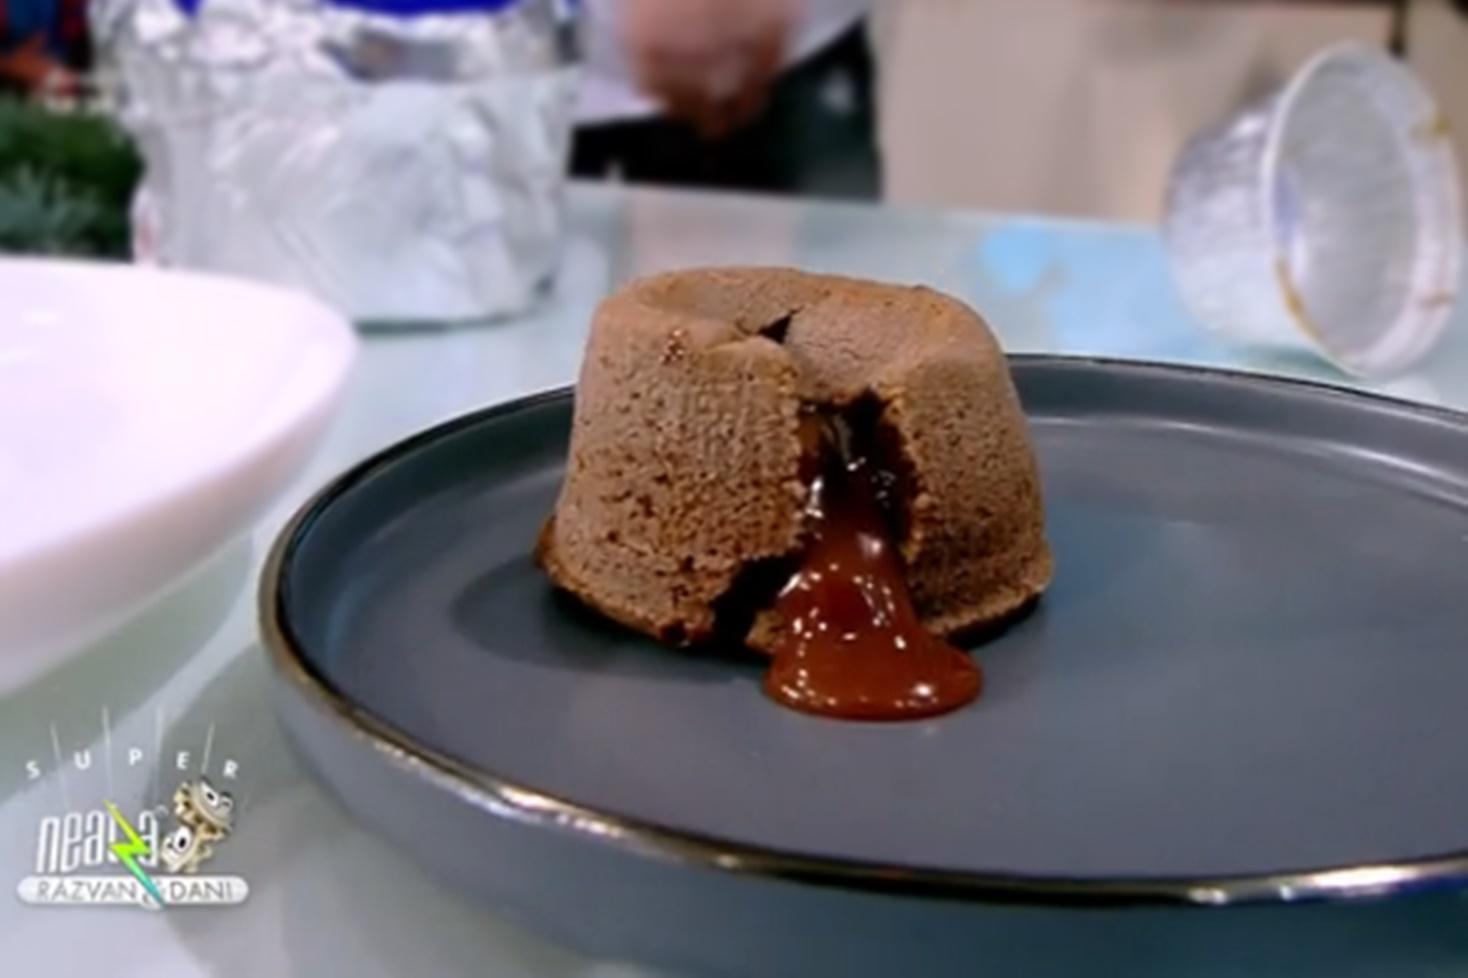 Rețetă de lava cake cu caramel sărat, preparată de Nicolai Tand la Neatza cu Răzvan și Dani